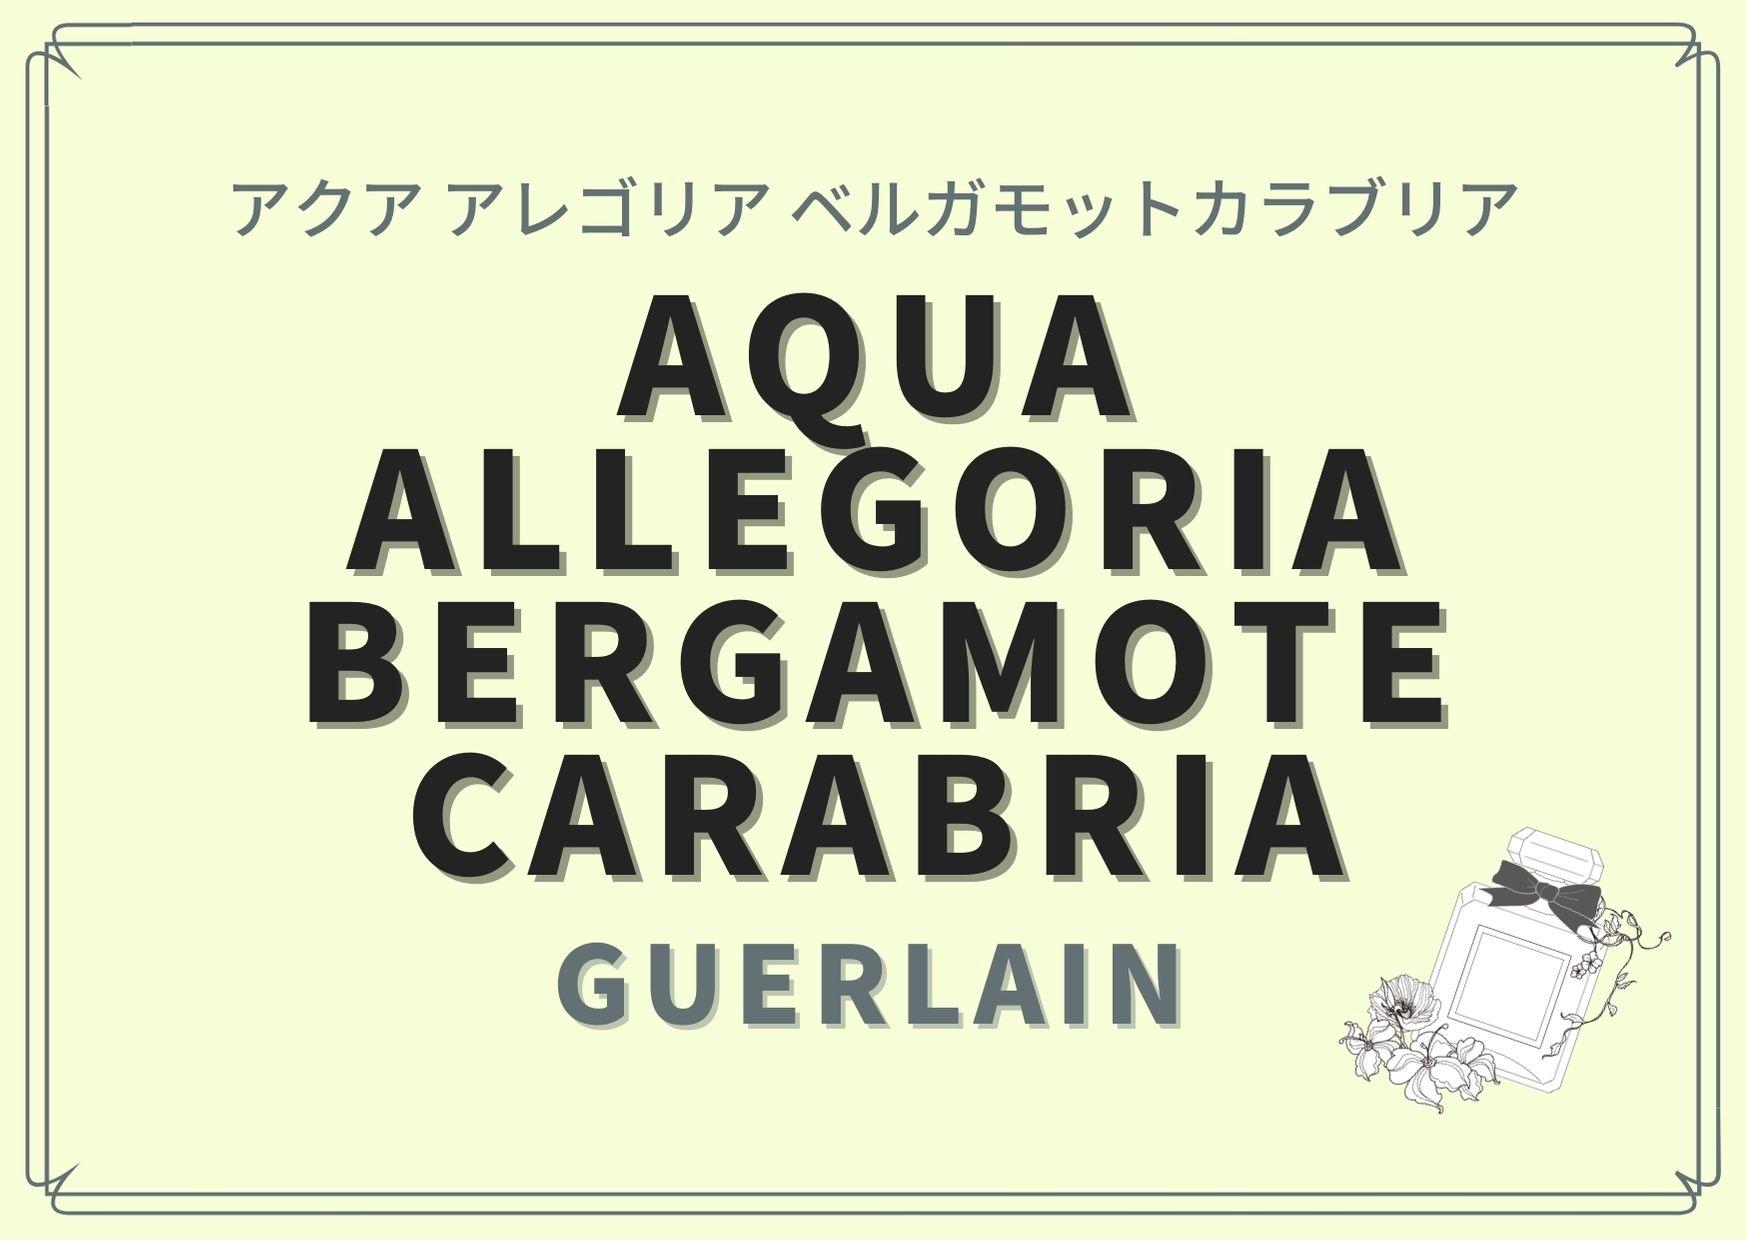 AQUA ALLEGORIA BERGAMOTE CARABRIA(アクア アレゴリア ベルガモットカラブリア)/GUERLAIN(ゲラン)